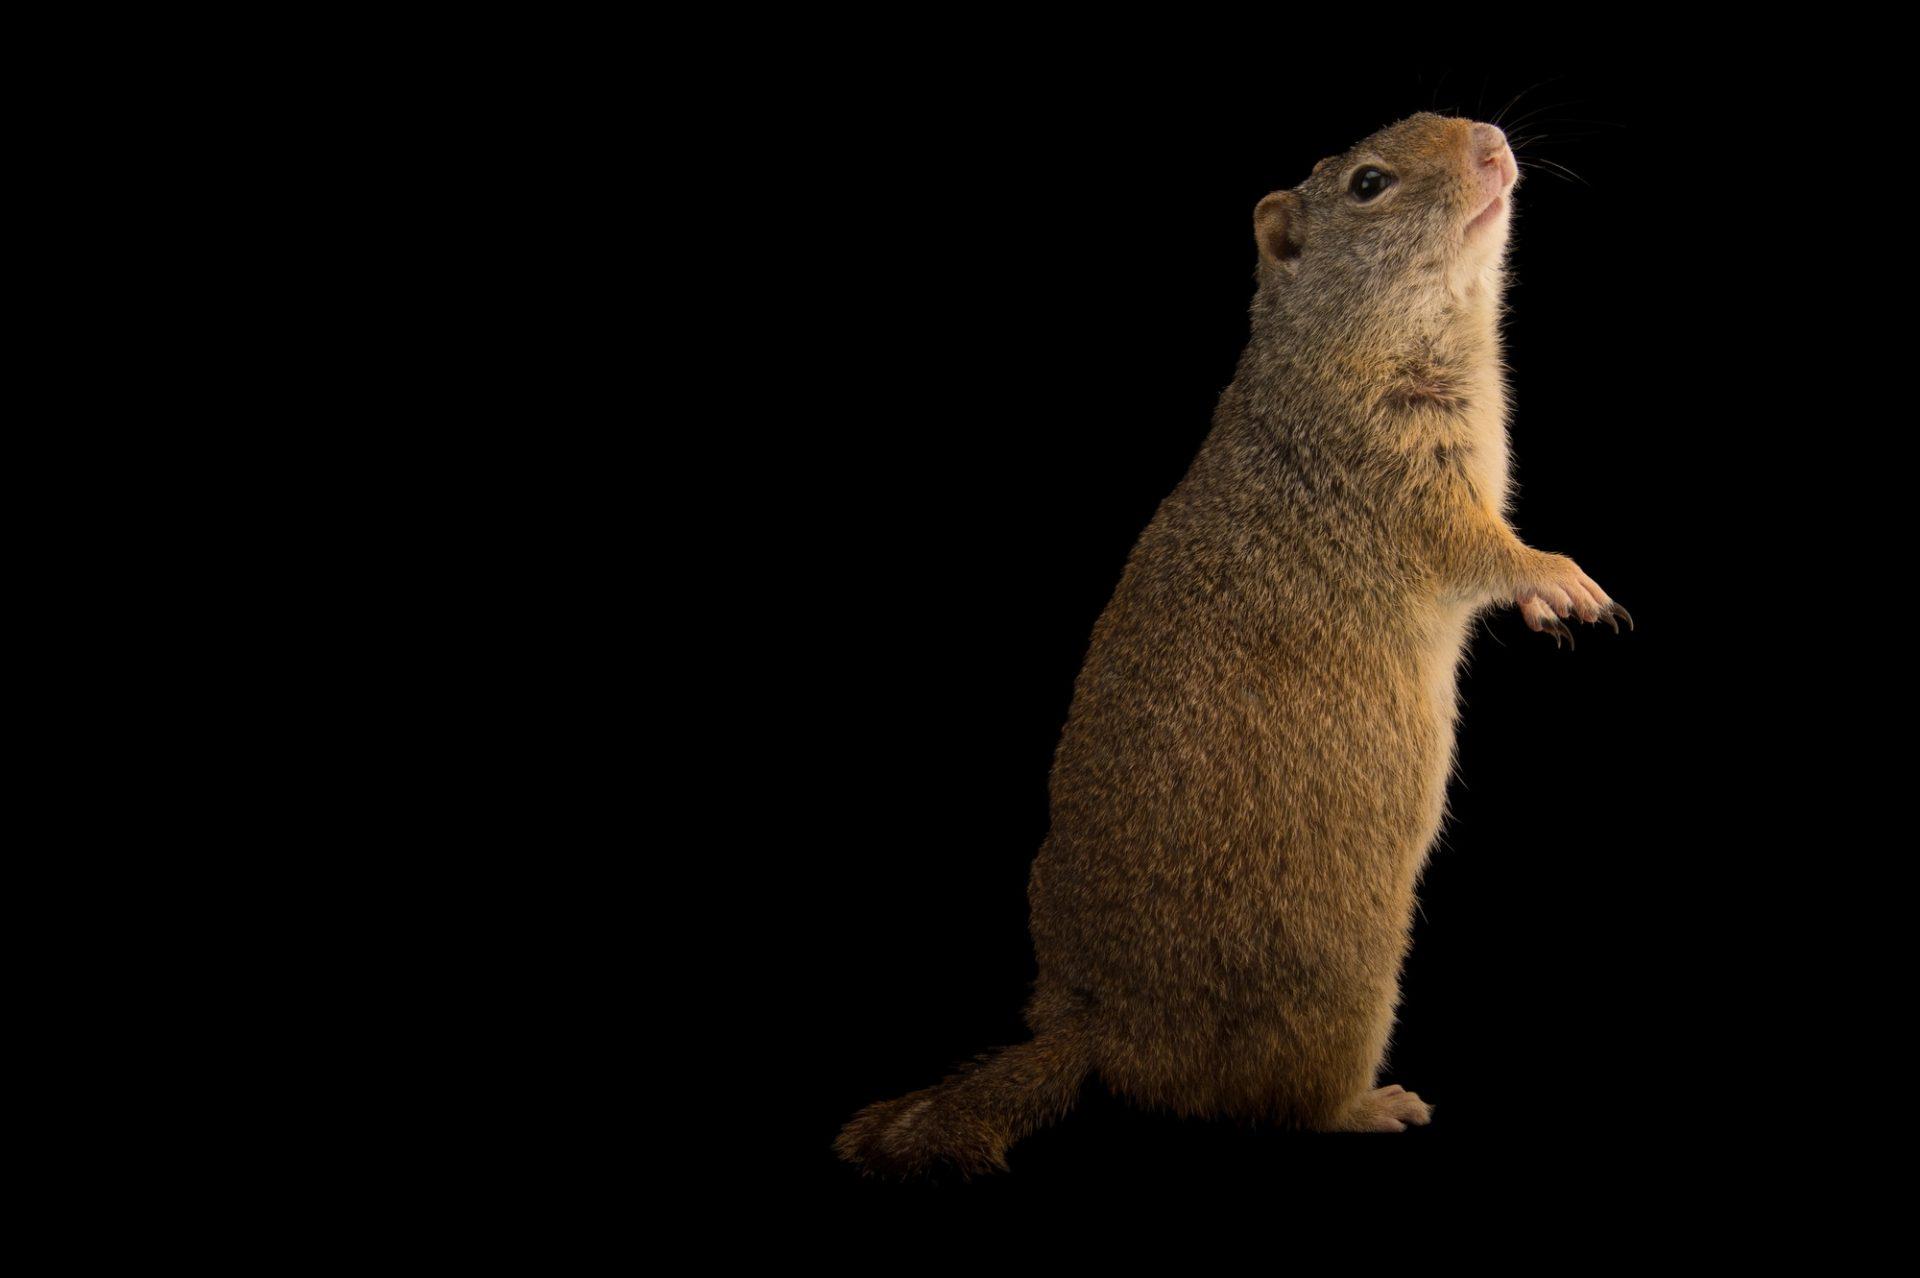 Picture of a Uinta ground squirrel (Urocitellus armatus) at the Wildlife Rehabilitation Center of Northern Utah.